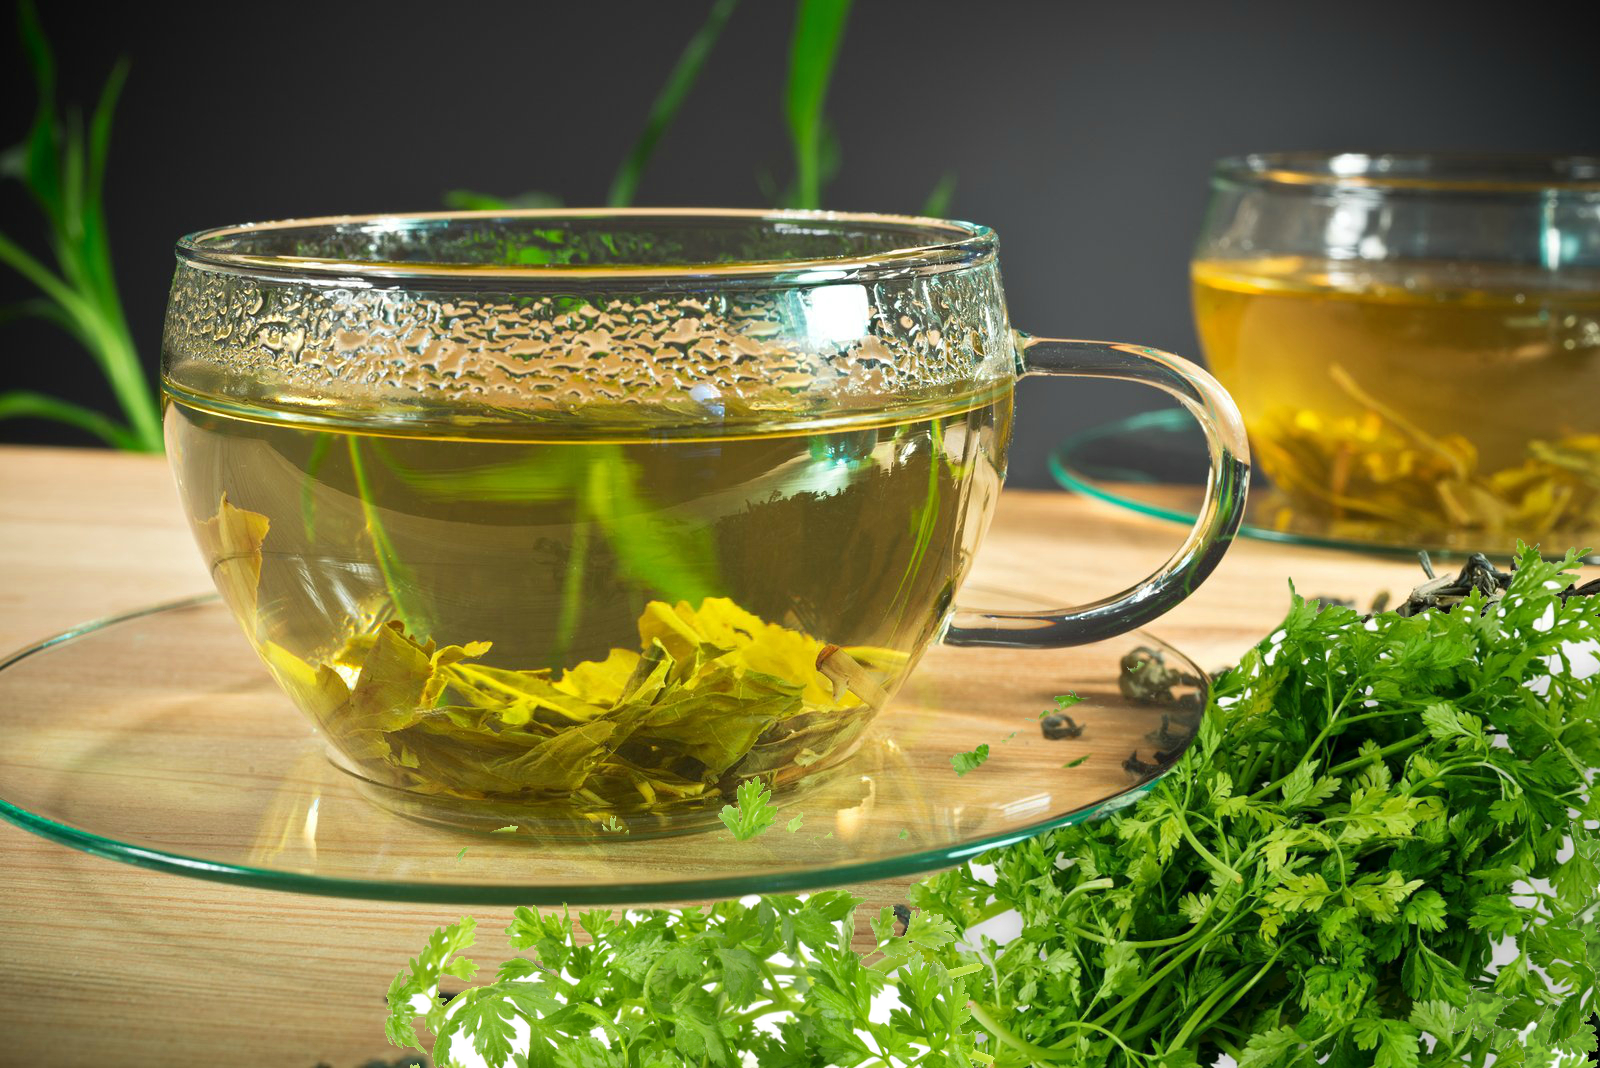 От Похудения Зеленый Чай. Зеленый чай помогает похудеть – правда или миф